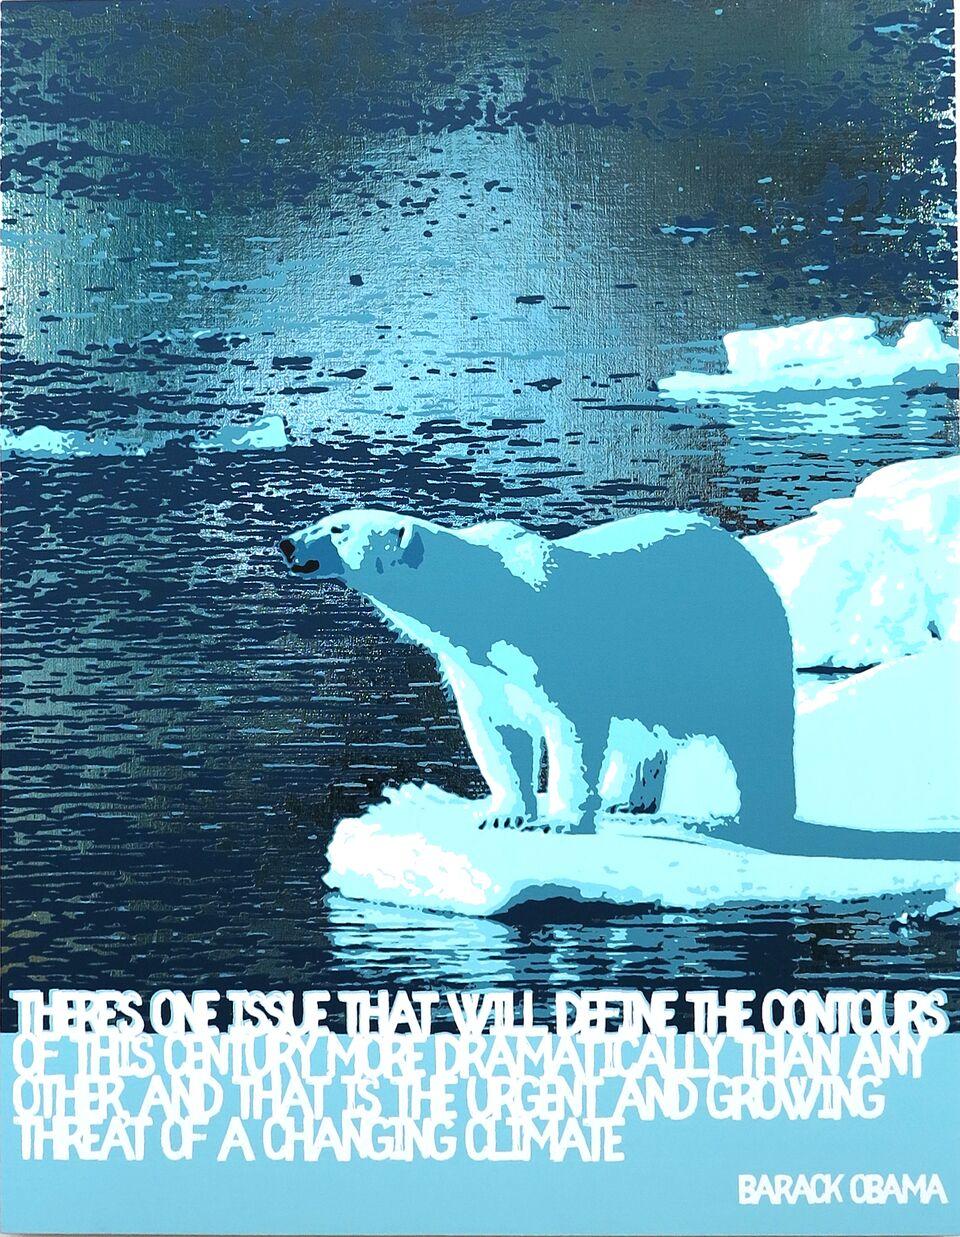 Polar Bear/Global Warming (Barack Obama)